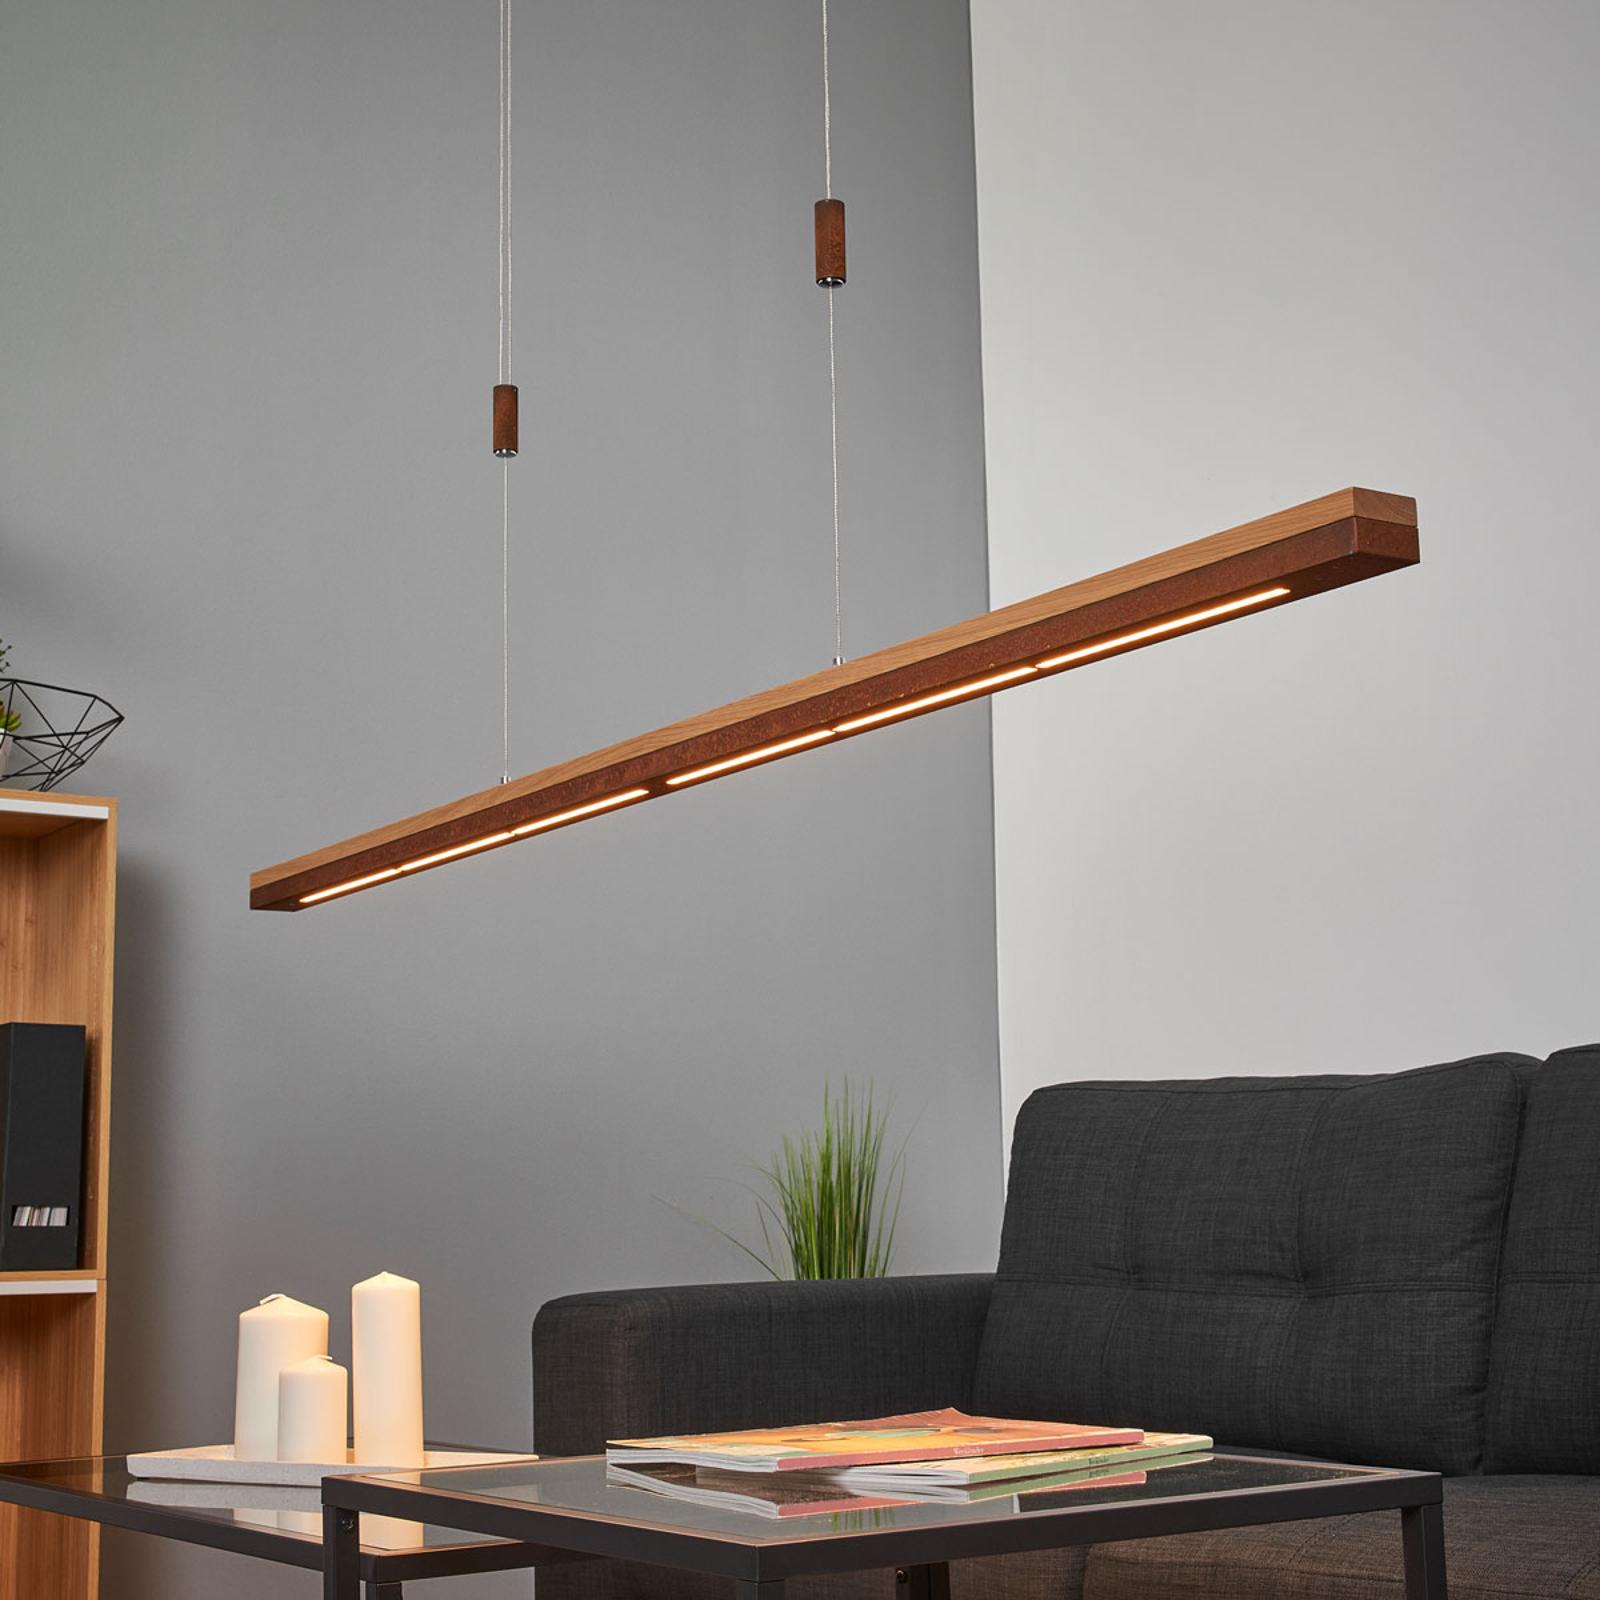 Lampa wisząca LED Elna, 158 cm, rdza i lite drewno